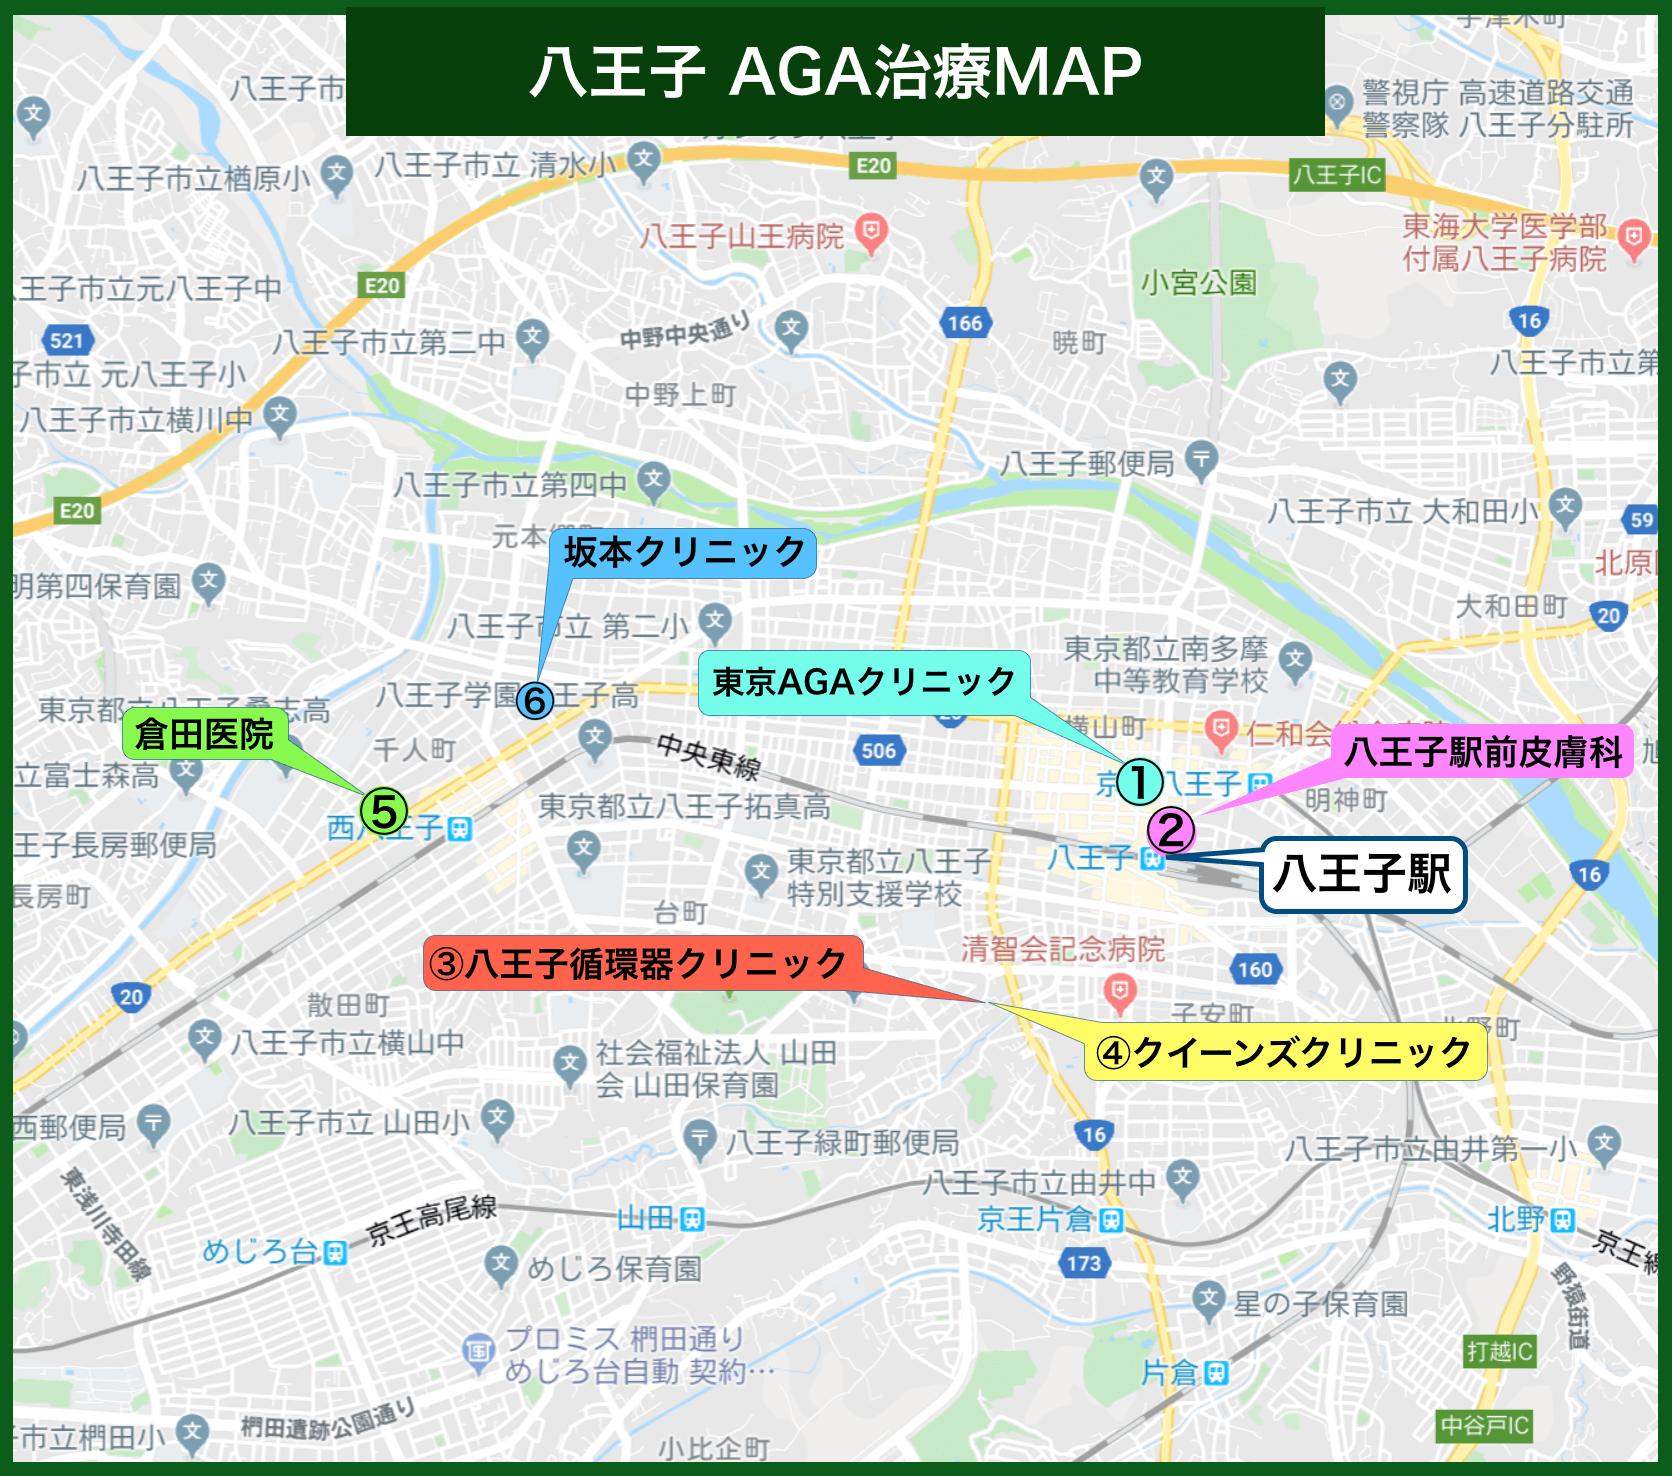 八王子AGA治療MAP(2020年版)